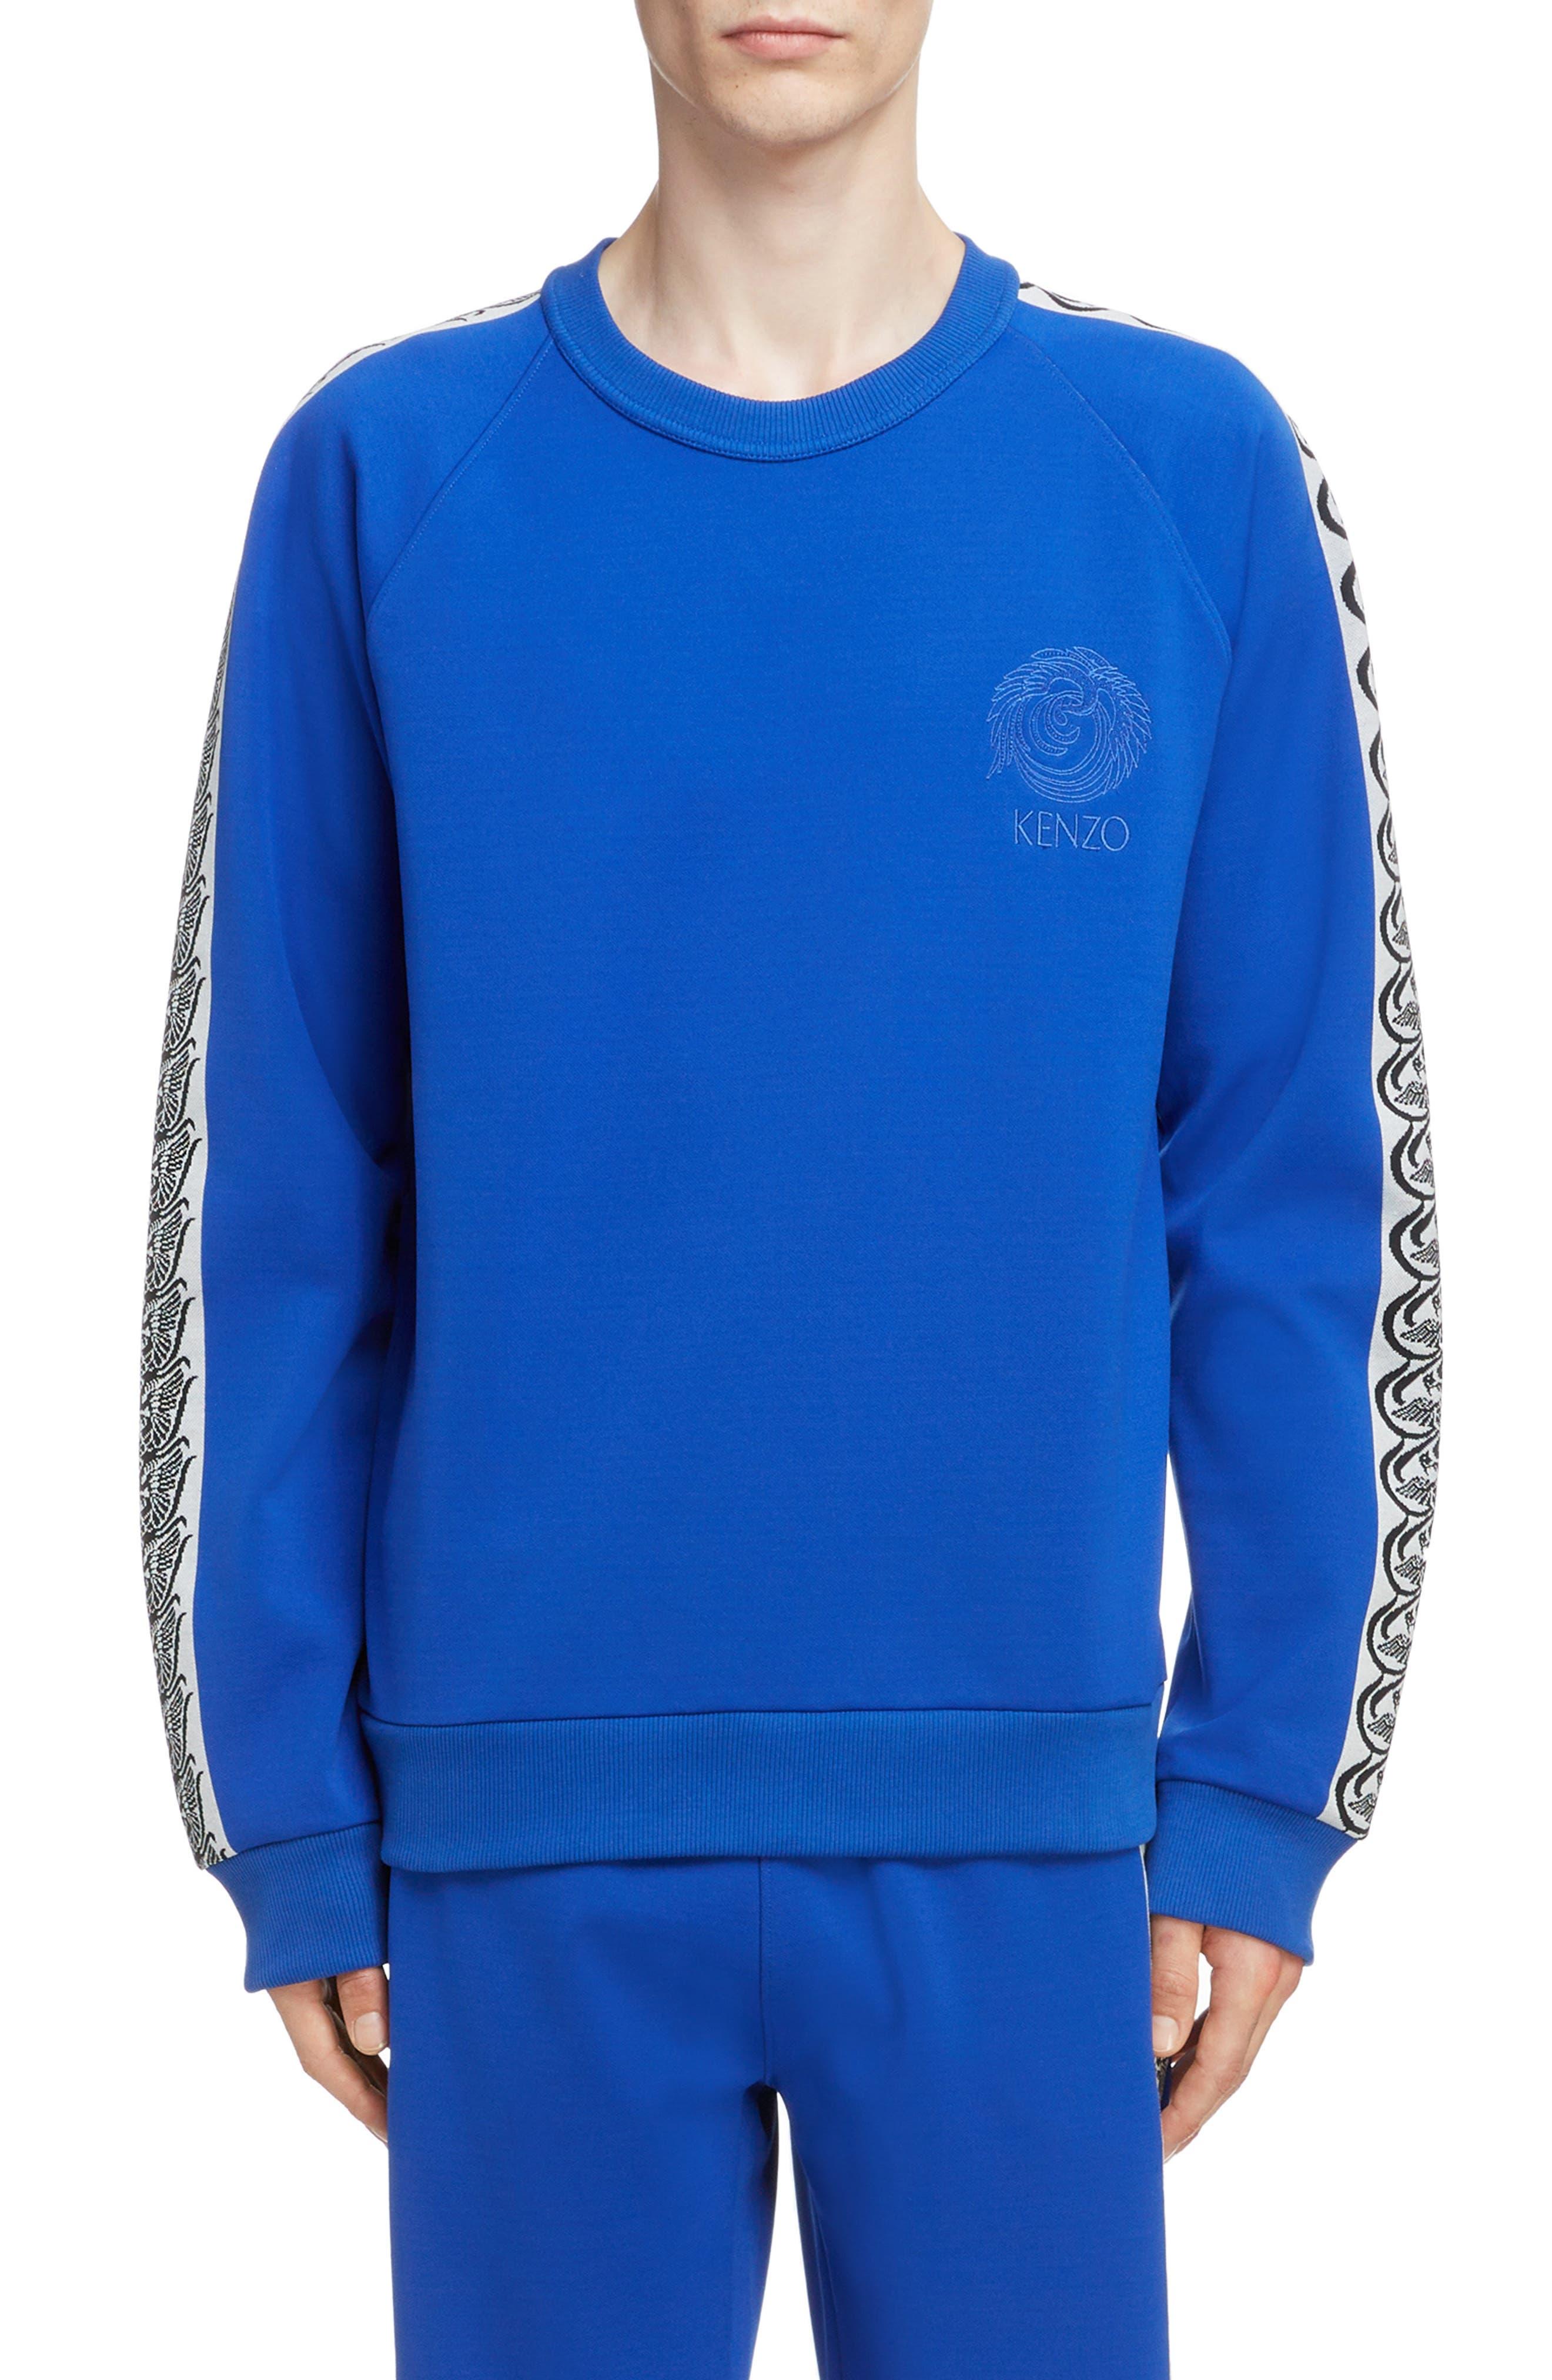 KENZO Jacquard Raglan Sweatshirt, Main, color, FRENCH BLUE